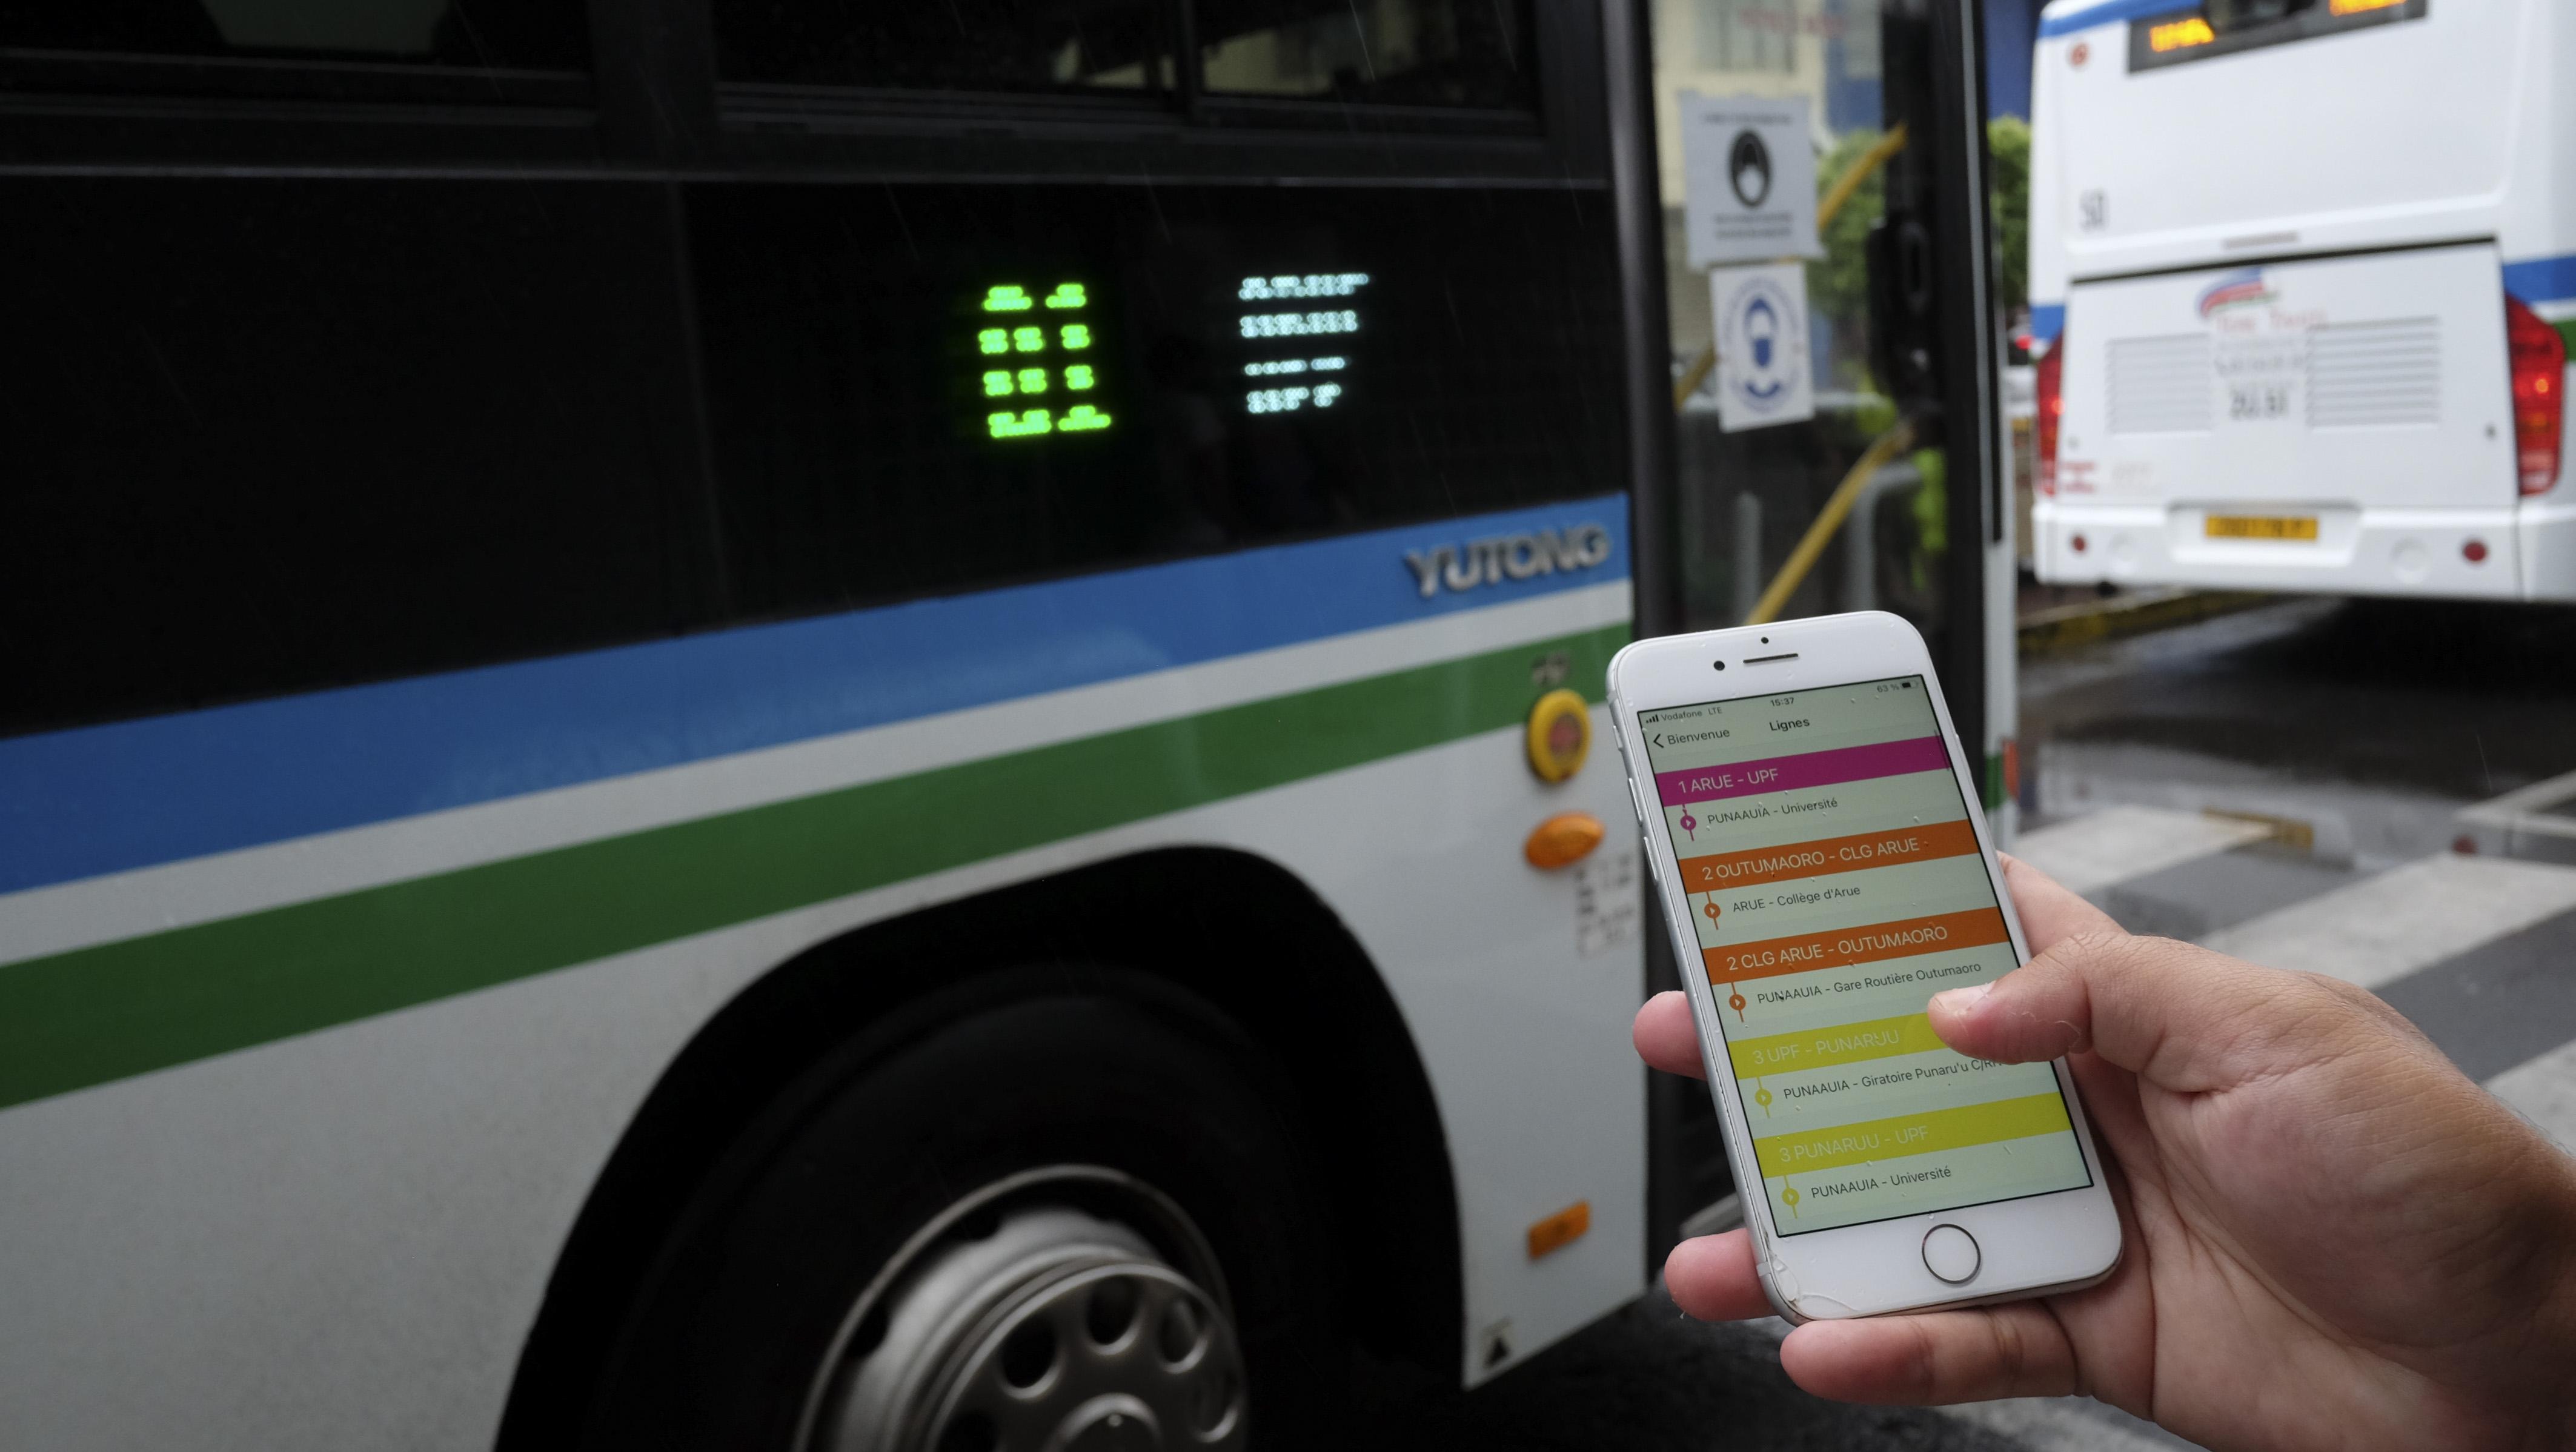 L'application Tere Tahiti, disponible sur les systèmes d'exploitation Android et iOS, renseigne l'usager sur le temps de passage et d'attente de chaque bus pour chacun des arrêts.